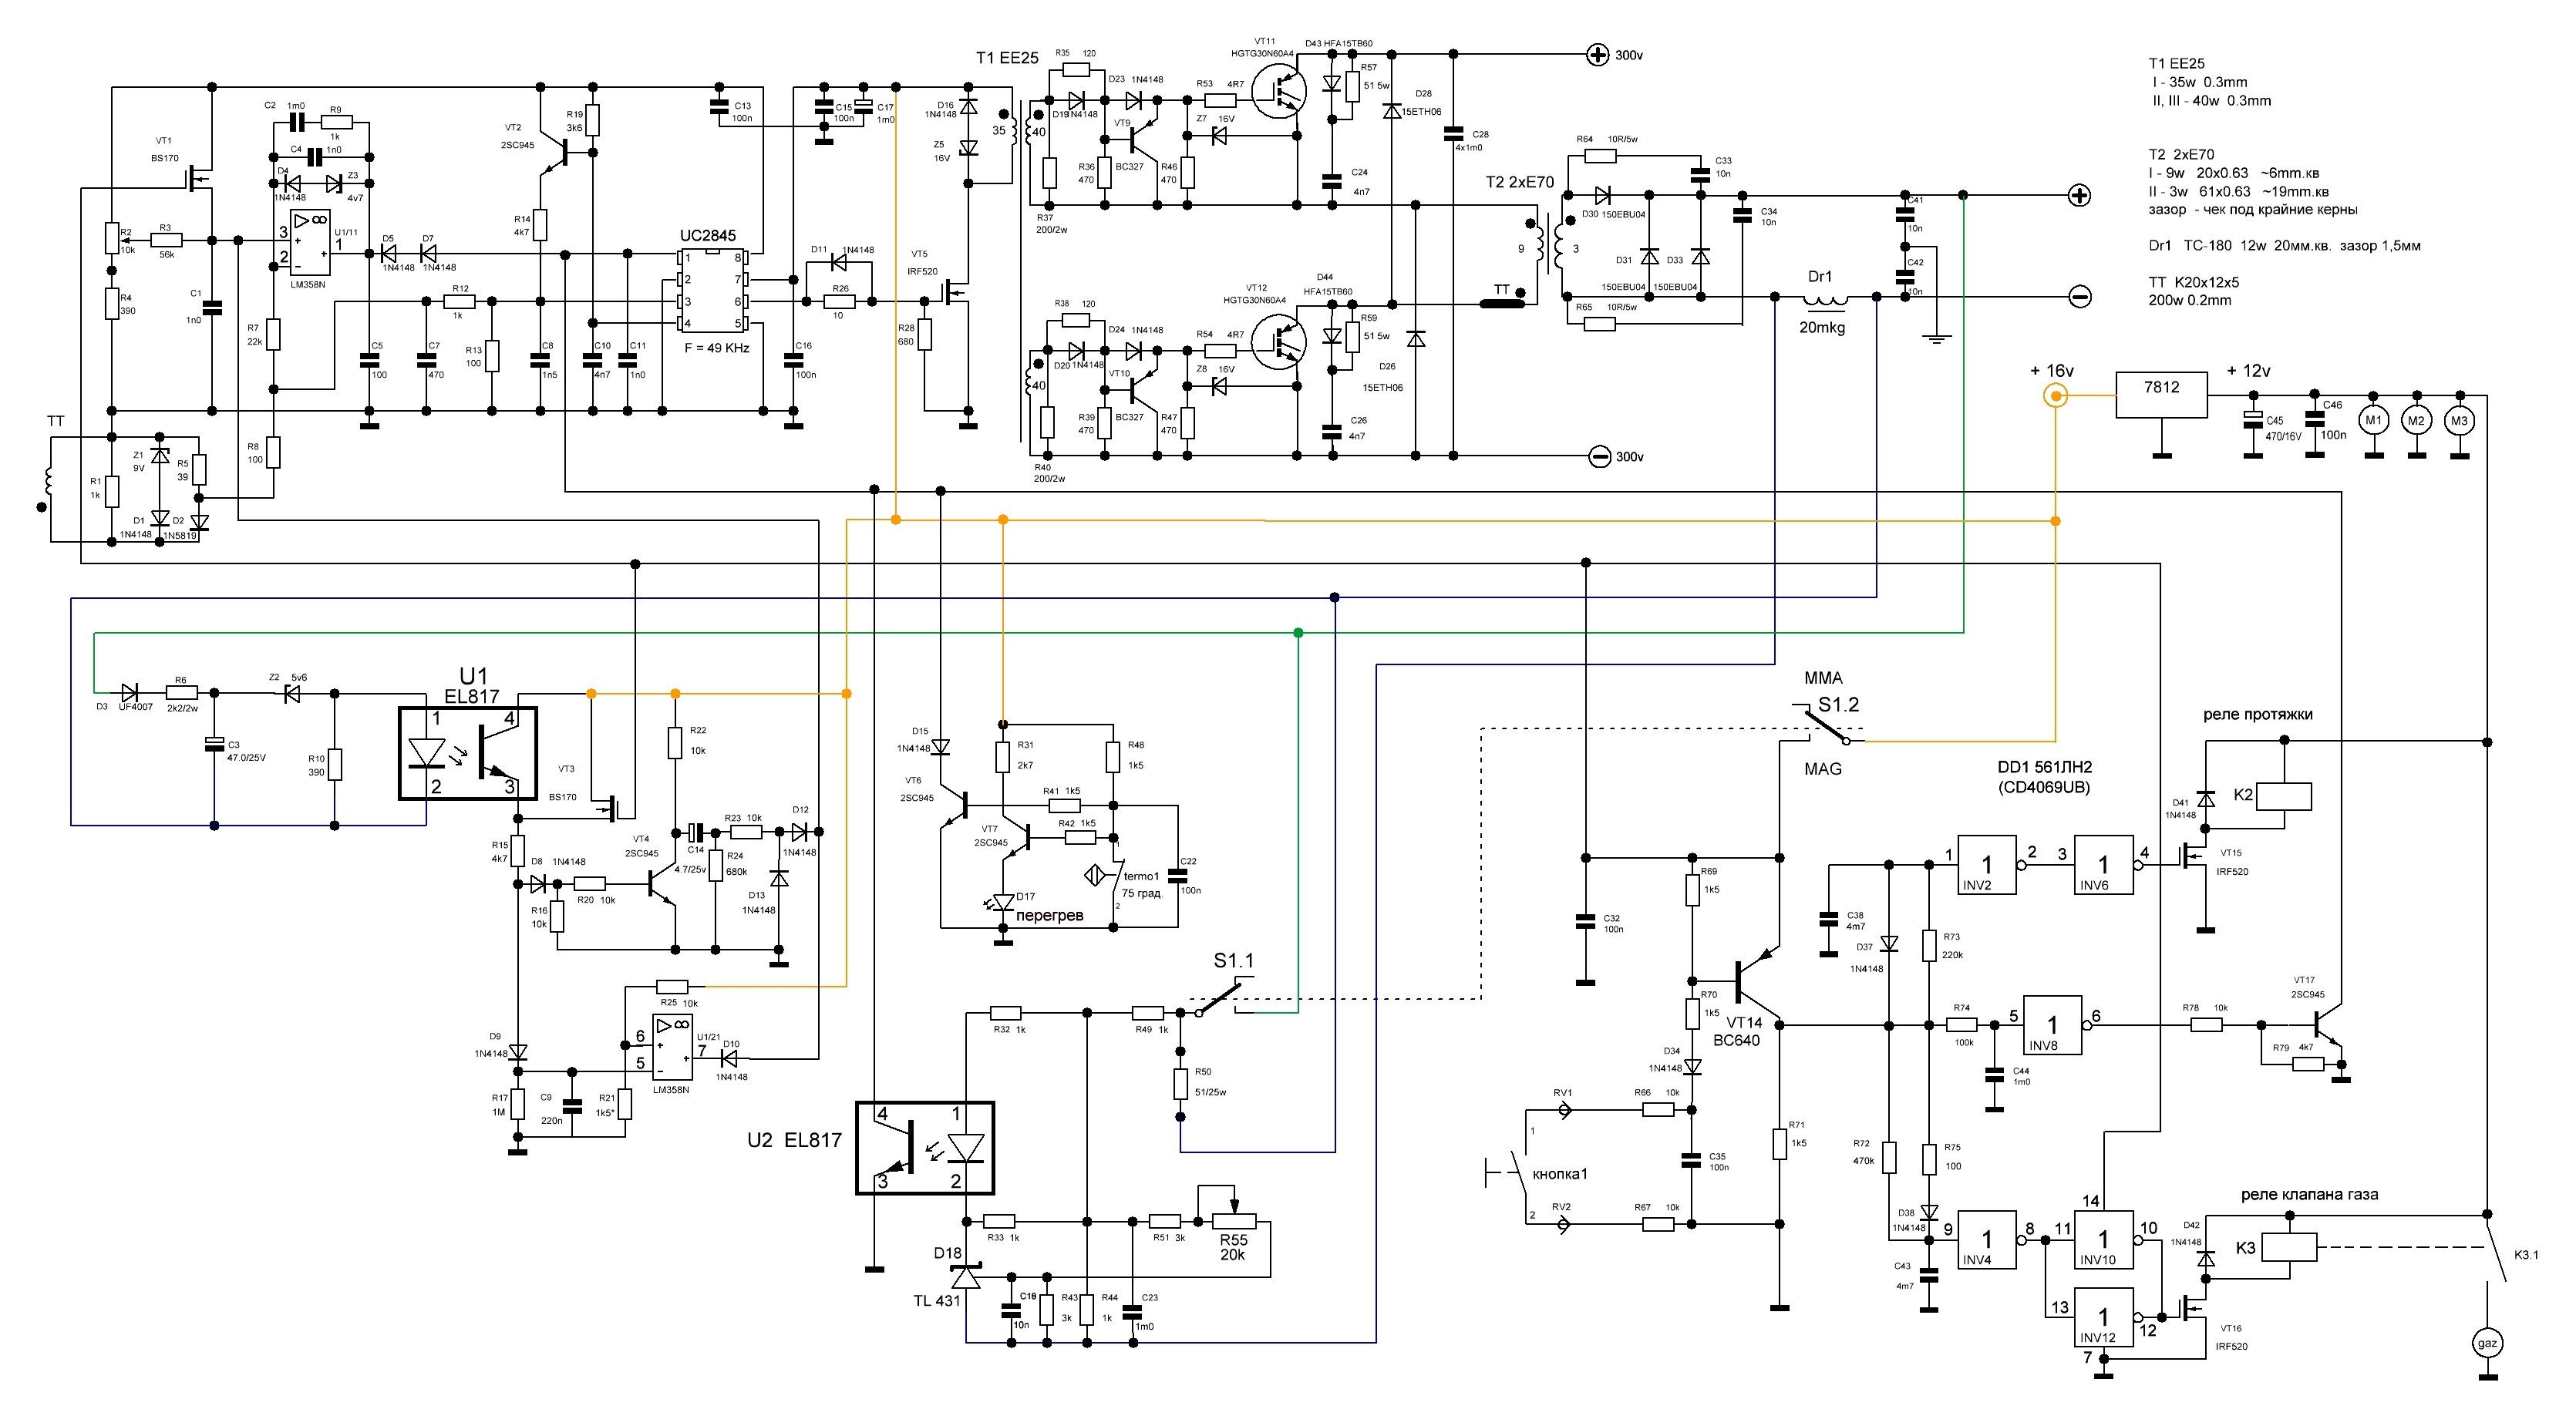 схема управления двигателем подачи сварочной проволоки